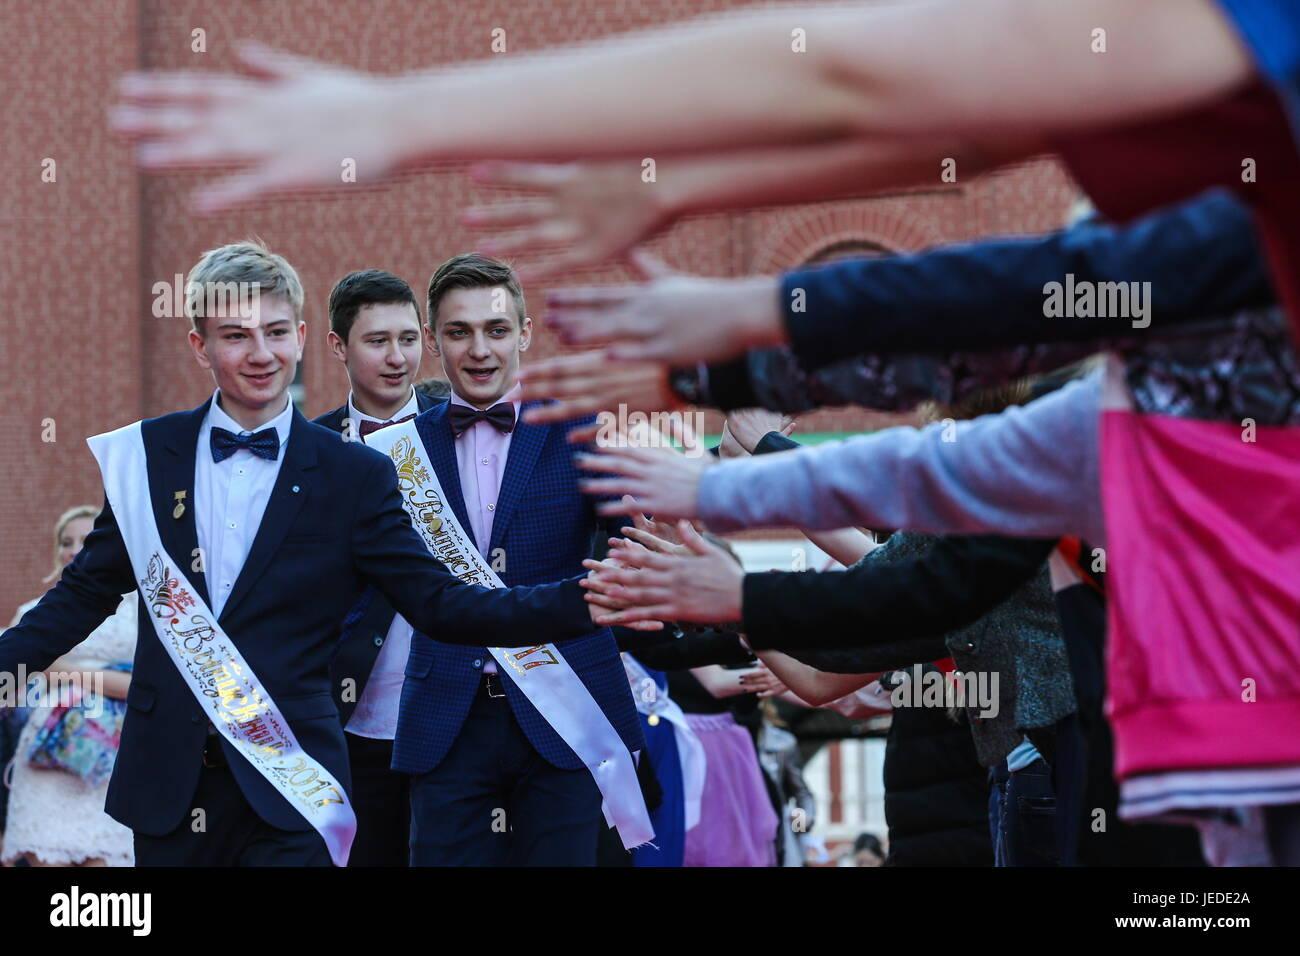 Graduation Ball 2017 in the Kremlin 64